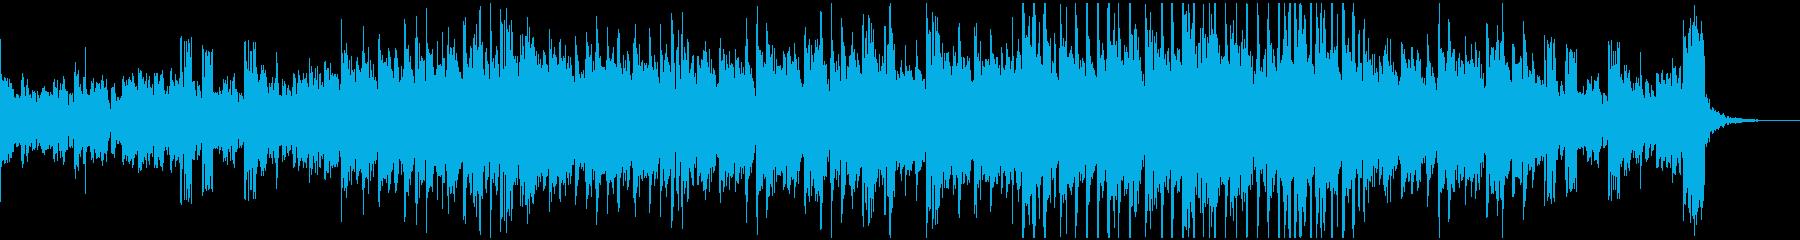 D&B系の短めインストの再生済みの波形